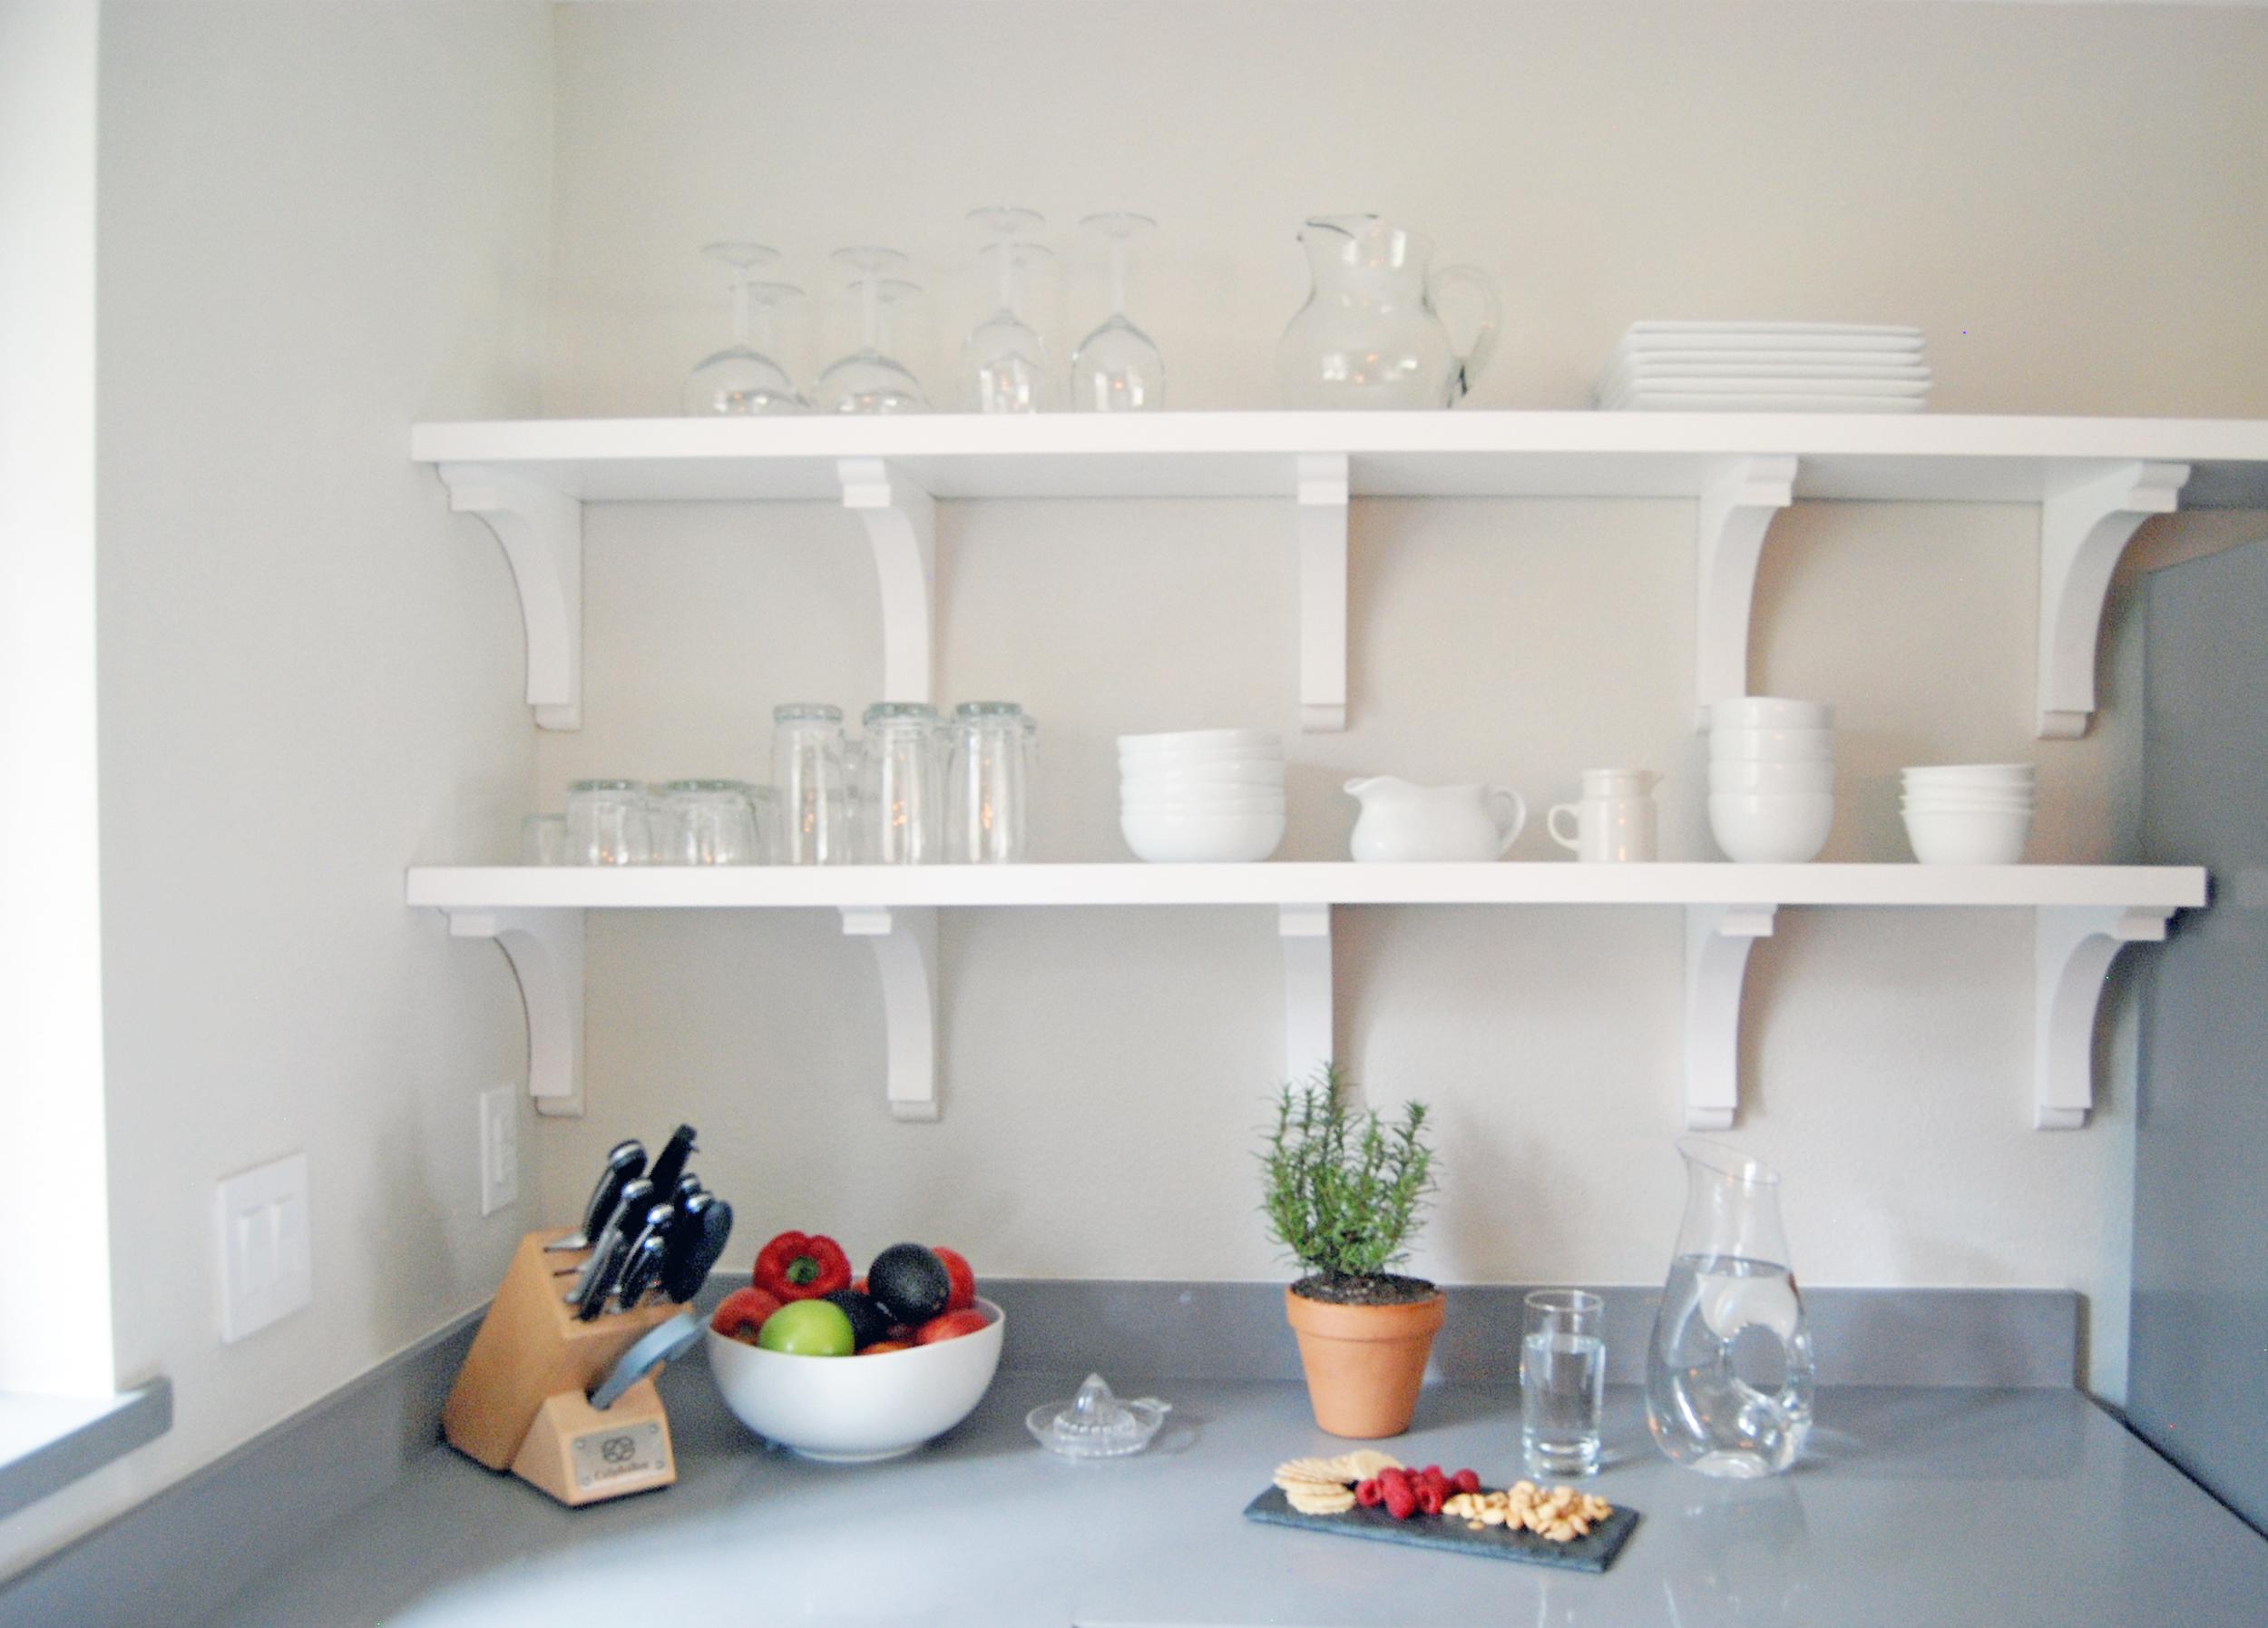 m+J kitchen1.jpg